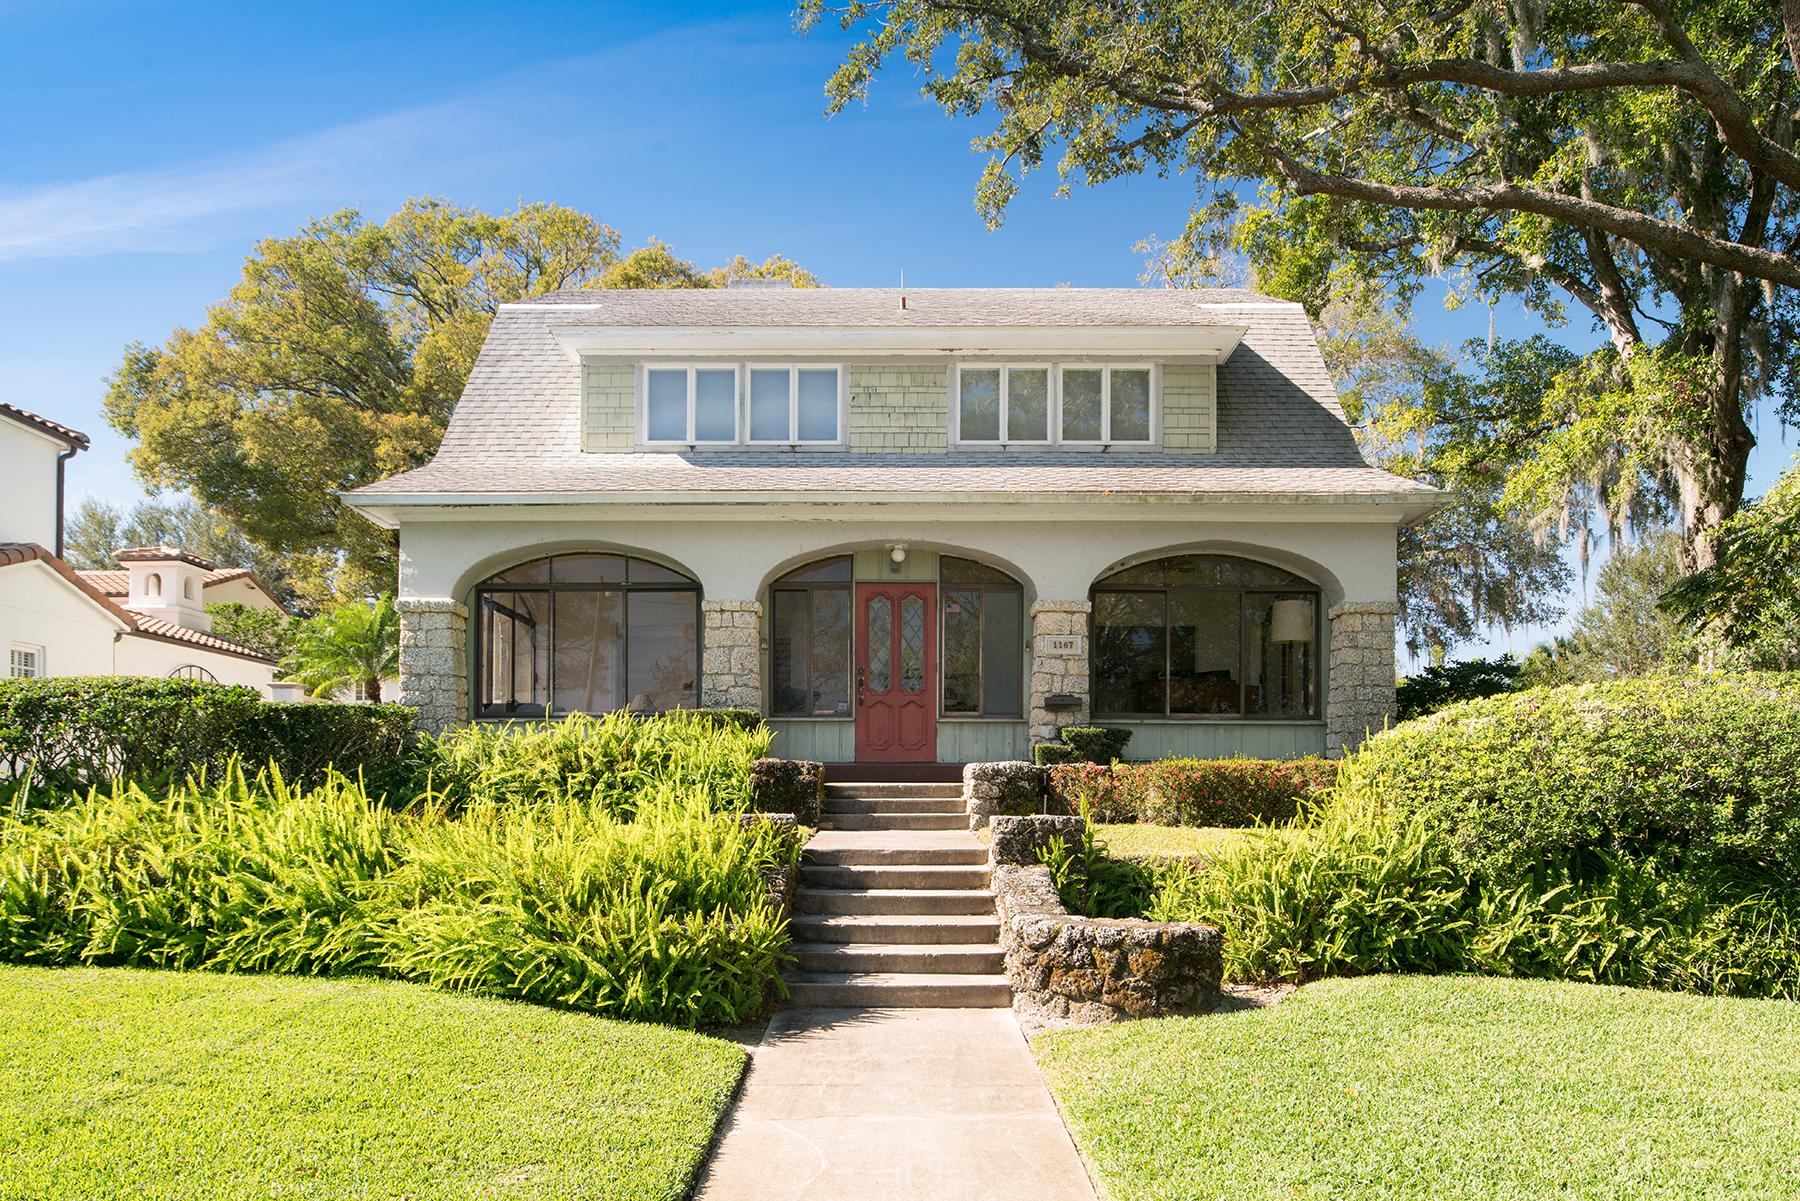 Частный односемейный дом для того Продажа на 1167 Lakeview Dr , Winter Park, FL 32789 1167 Lakeview Dr Winter Park, Флорида, 32789 Соединенные Штаты